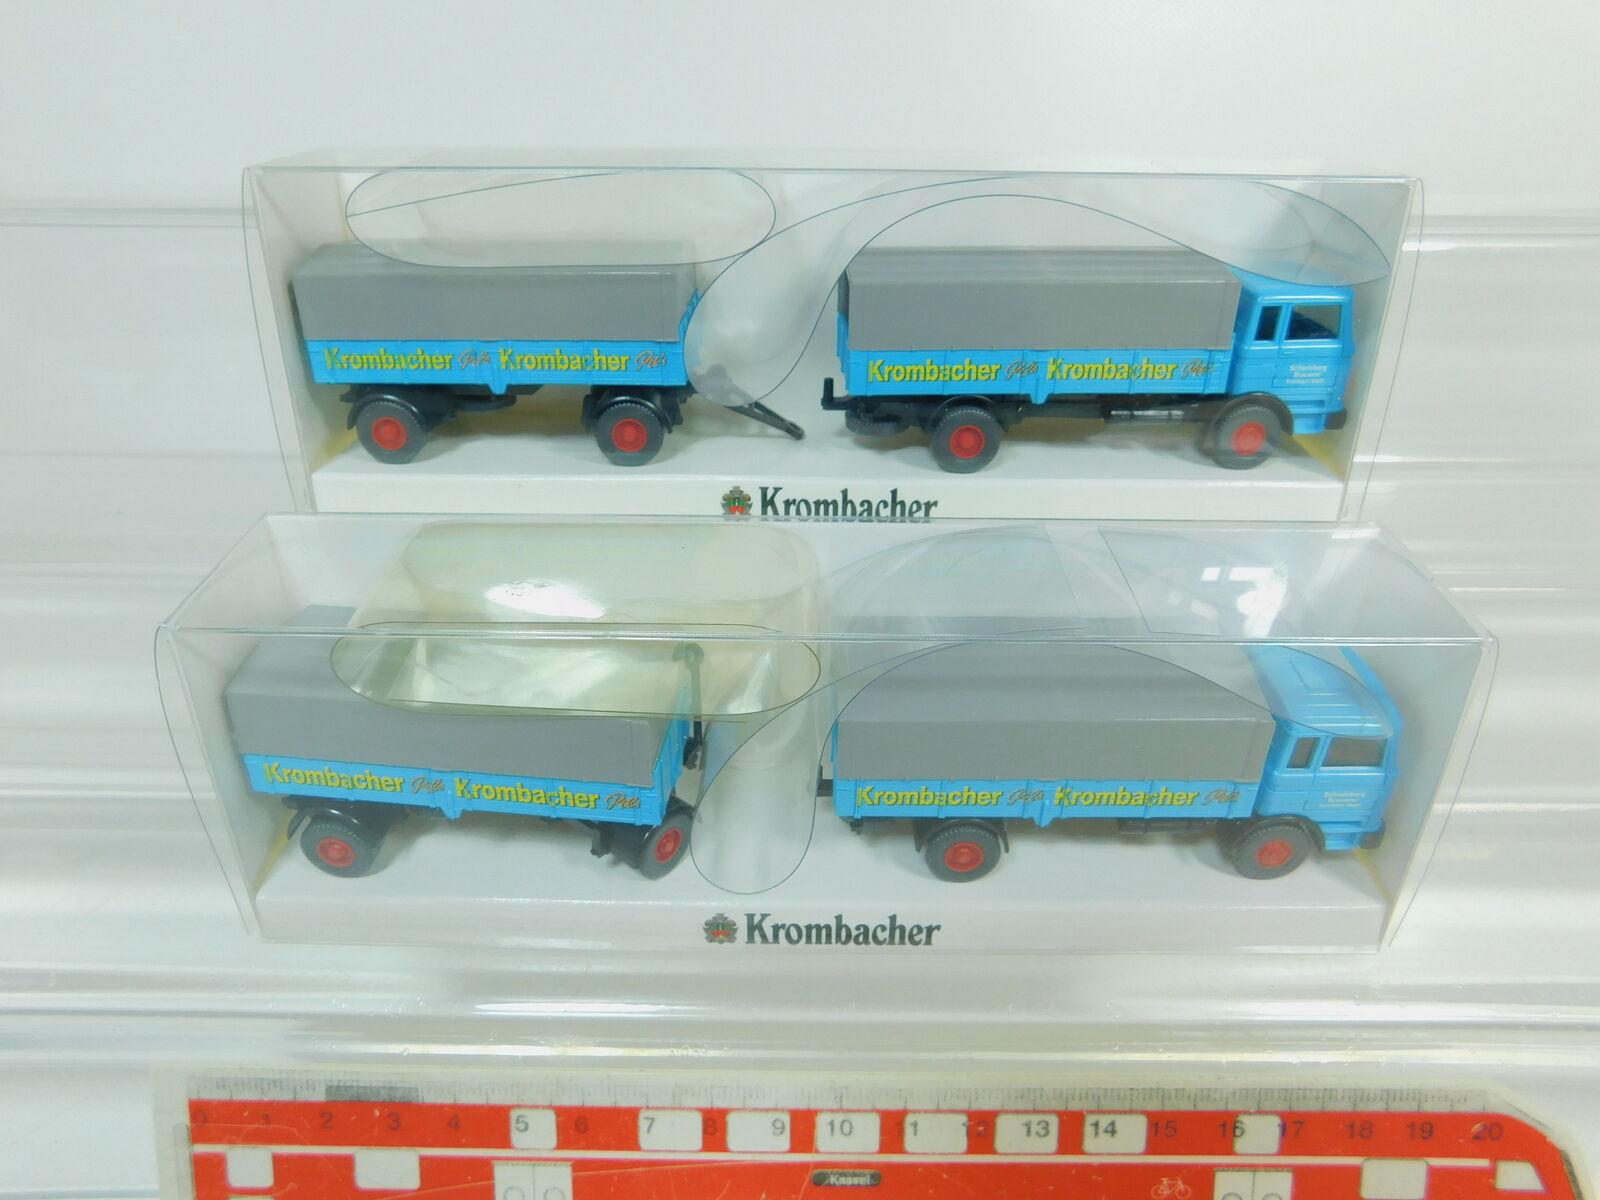 Bo433-0, 5  2x WIKING h0 1 87 3411 poids MB LP 1620 KROMBACHER, très bien  neuf dans sa boîte